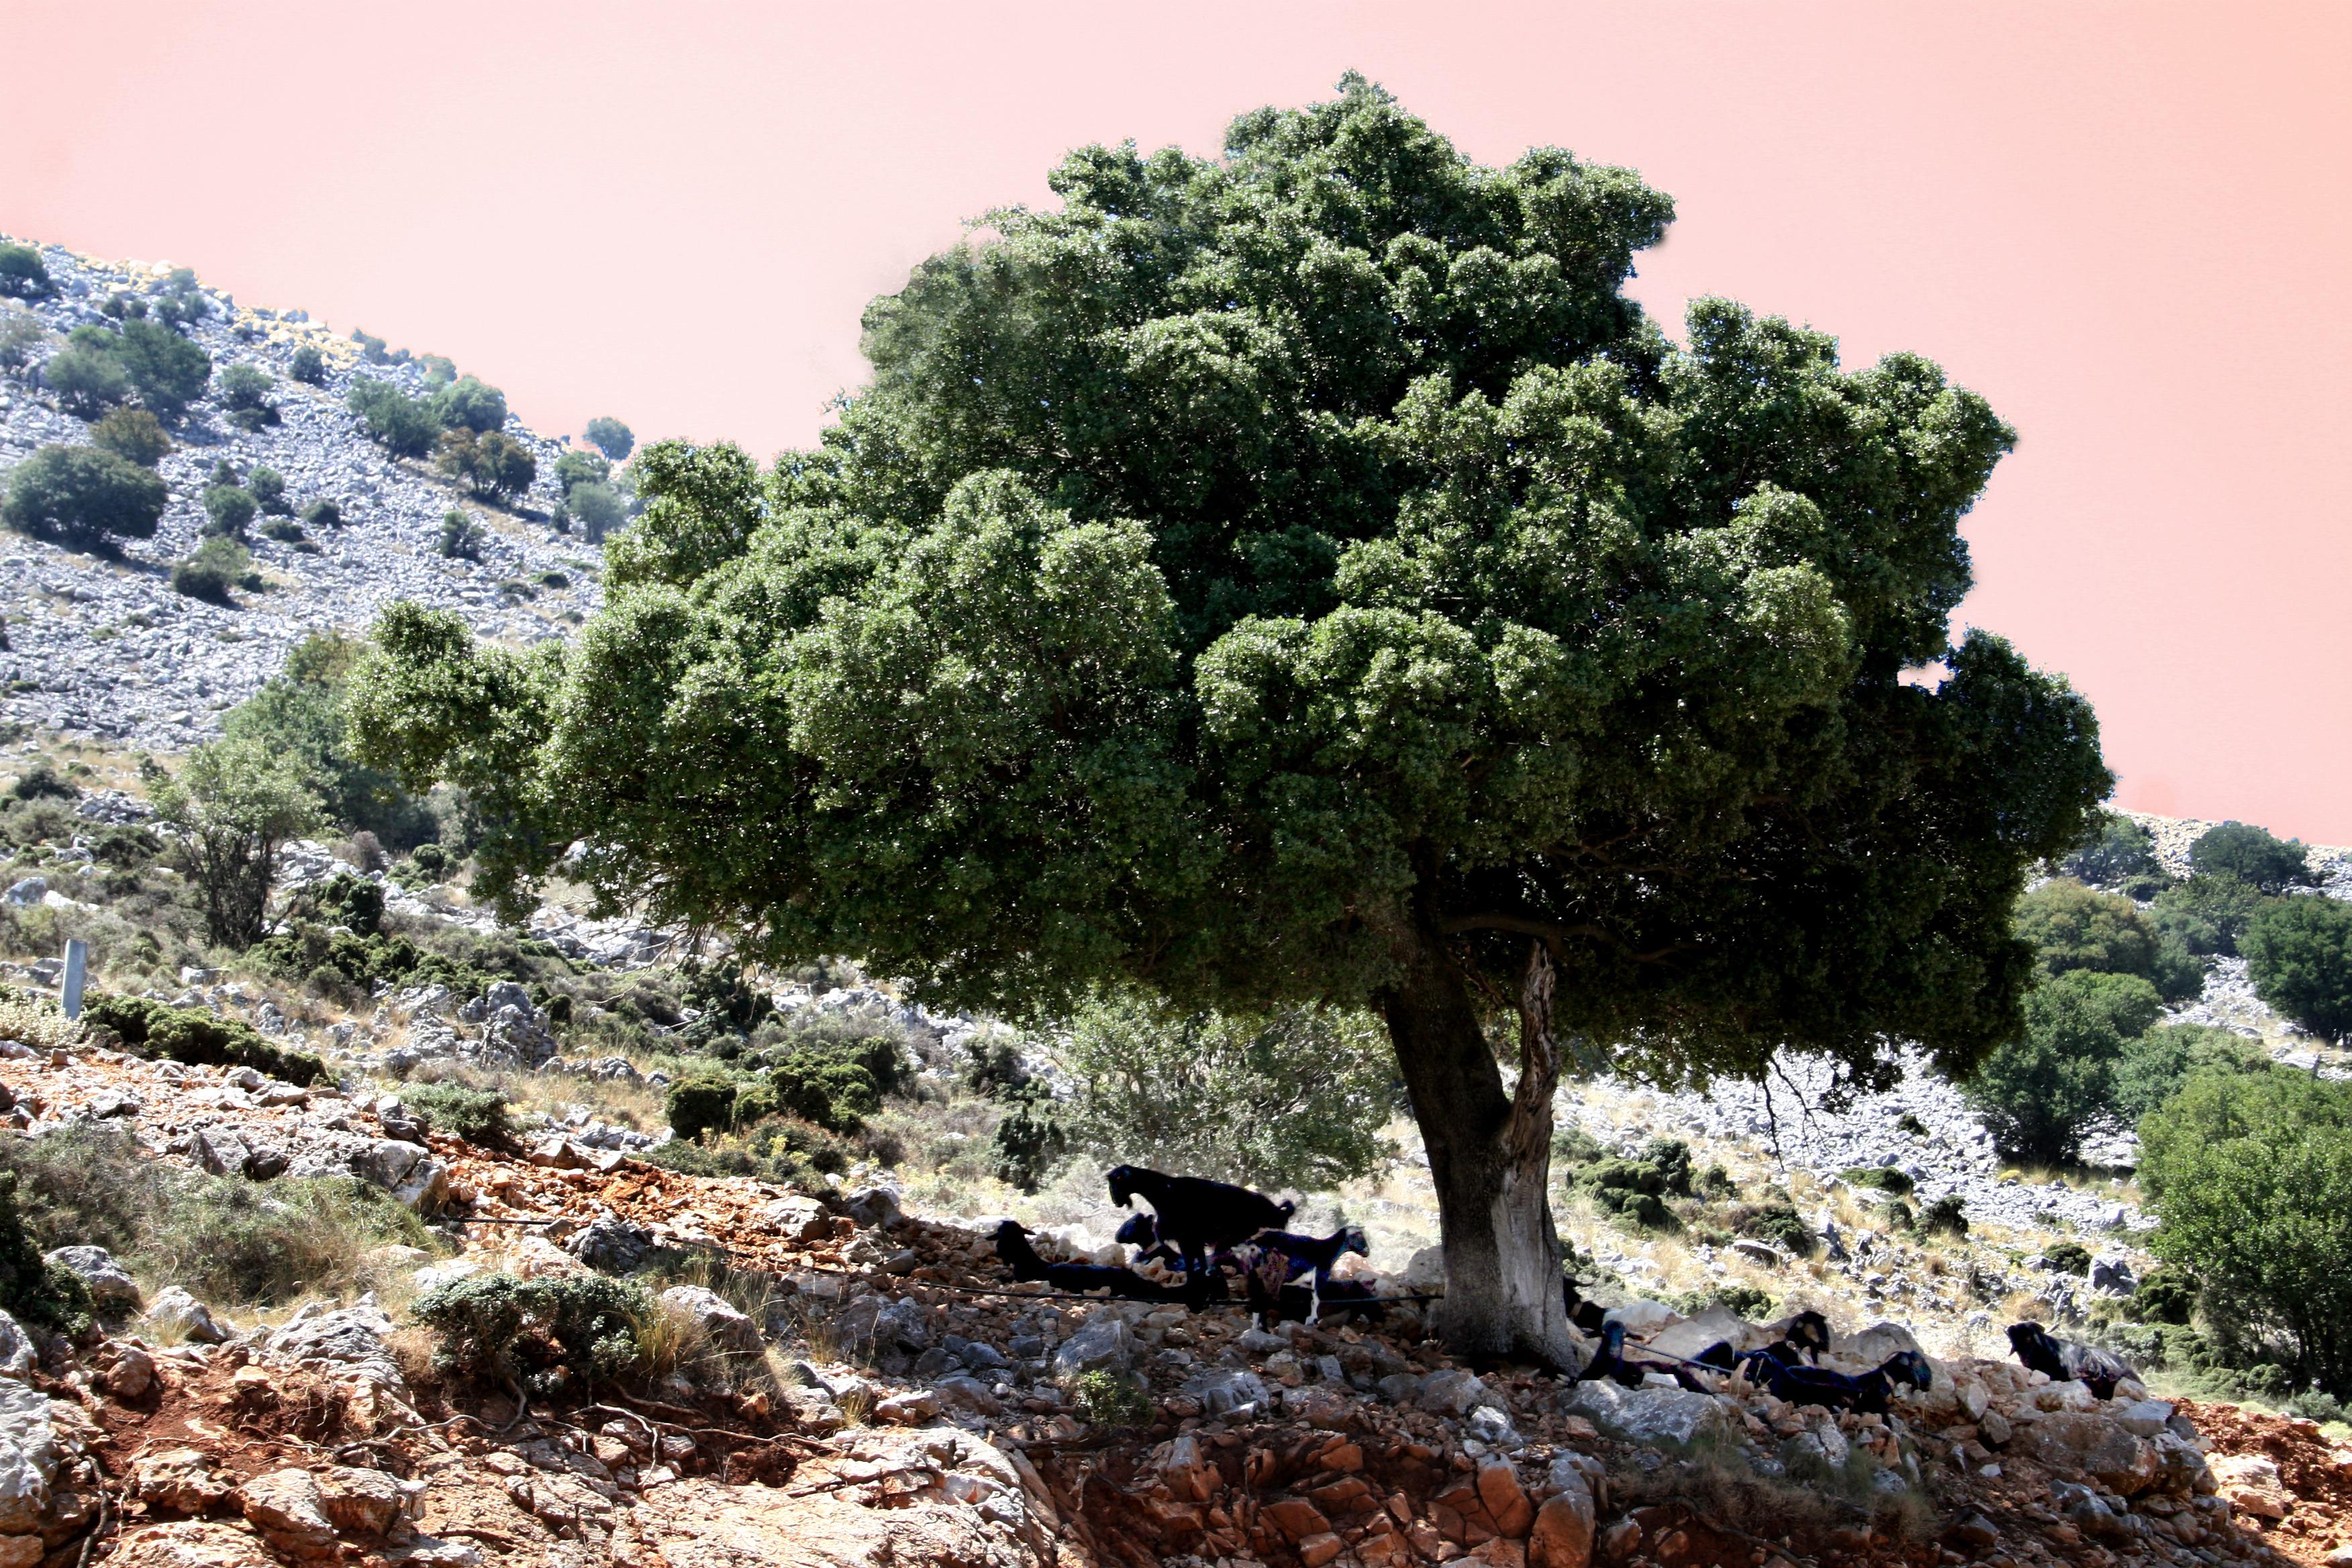 любишь растения деревья фото новые лоты